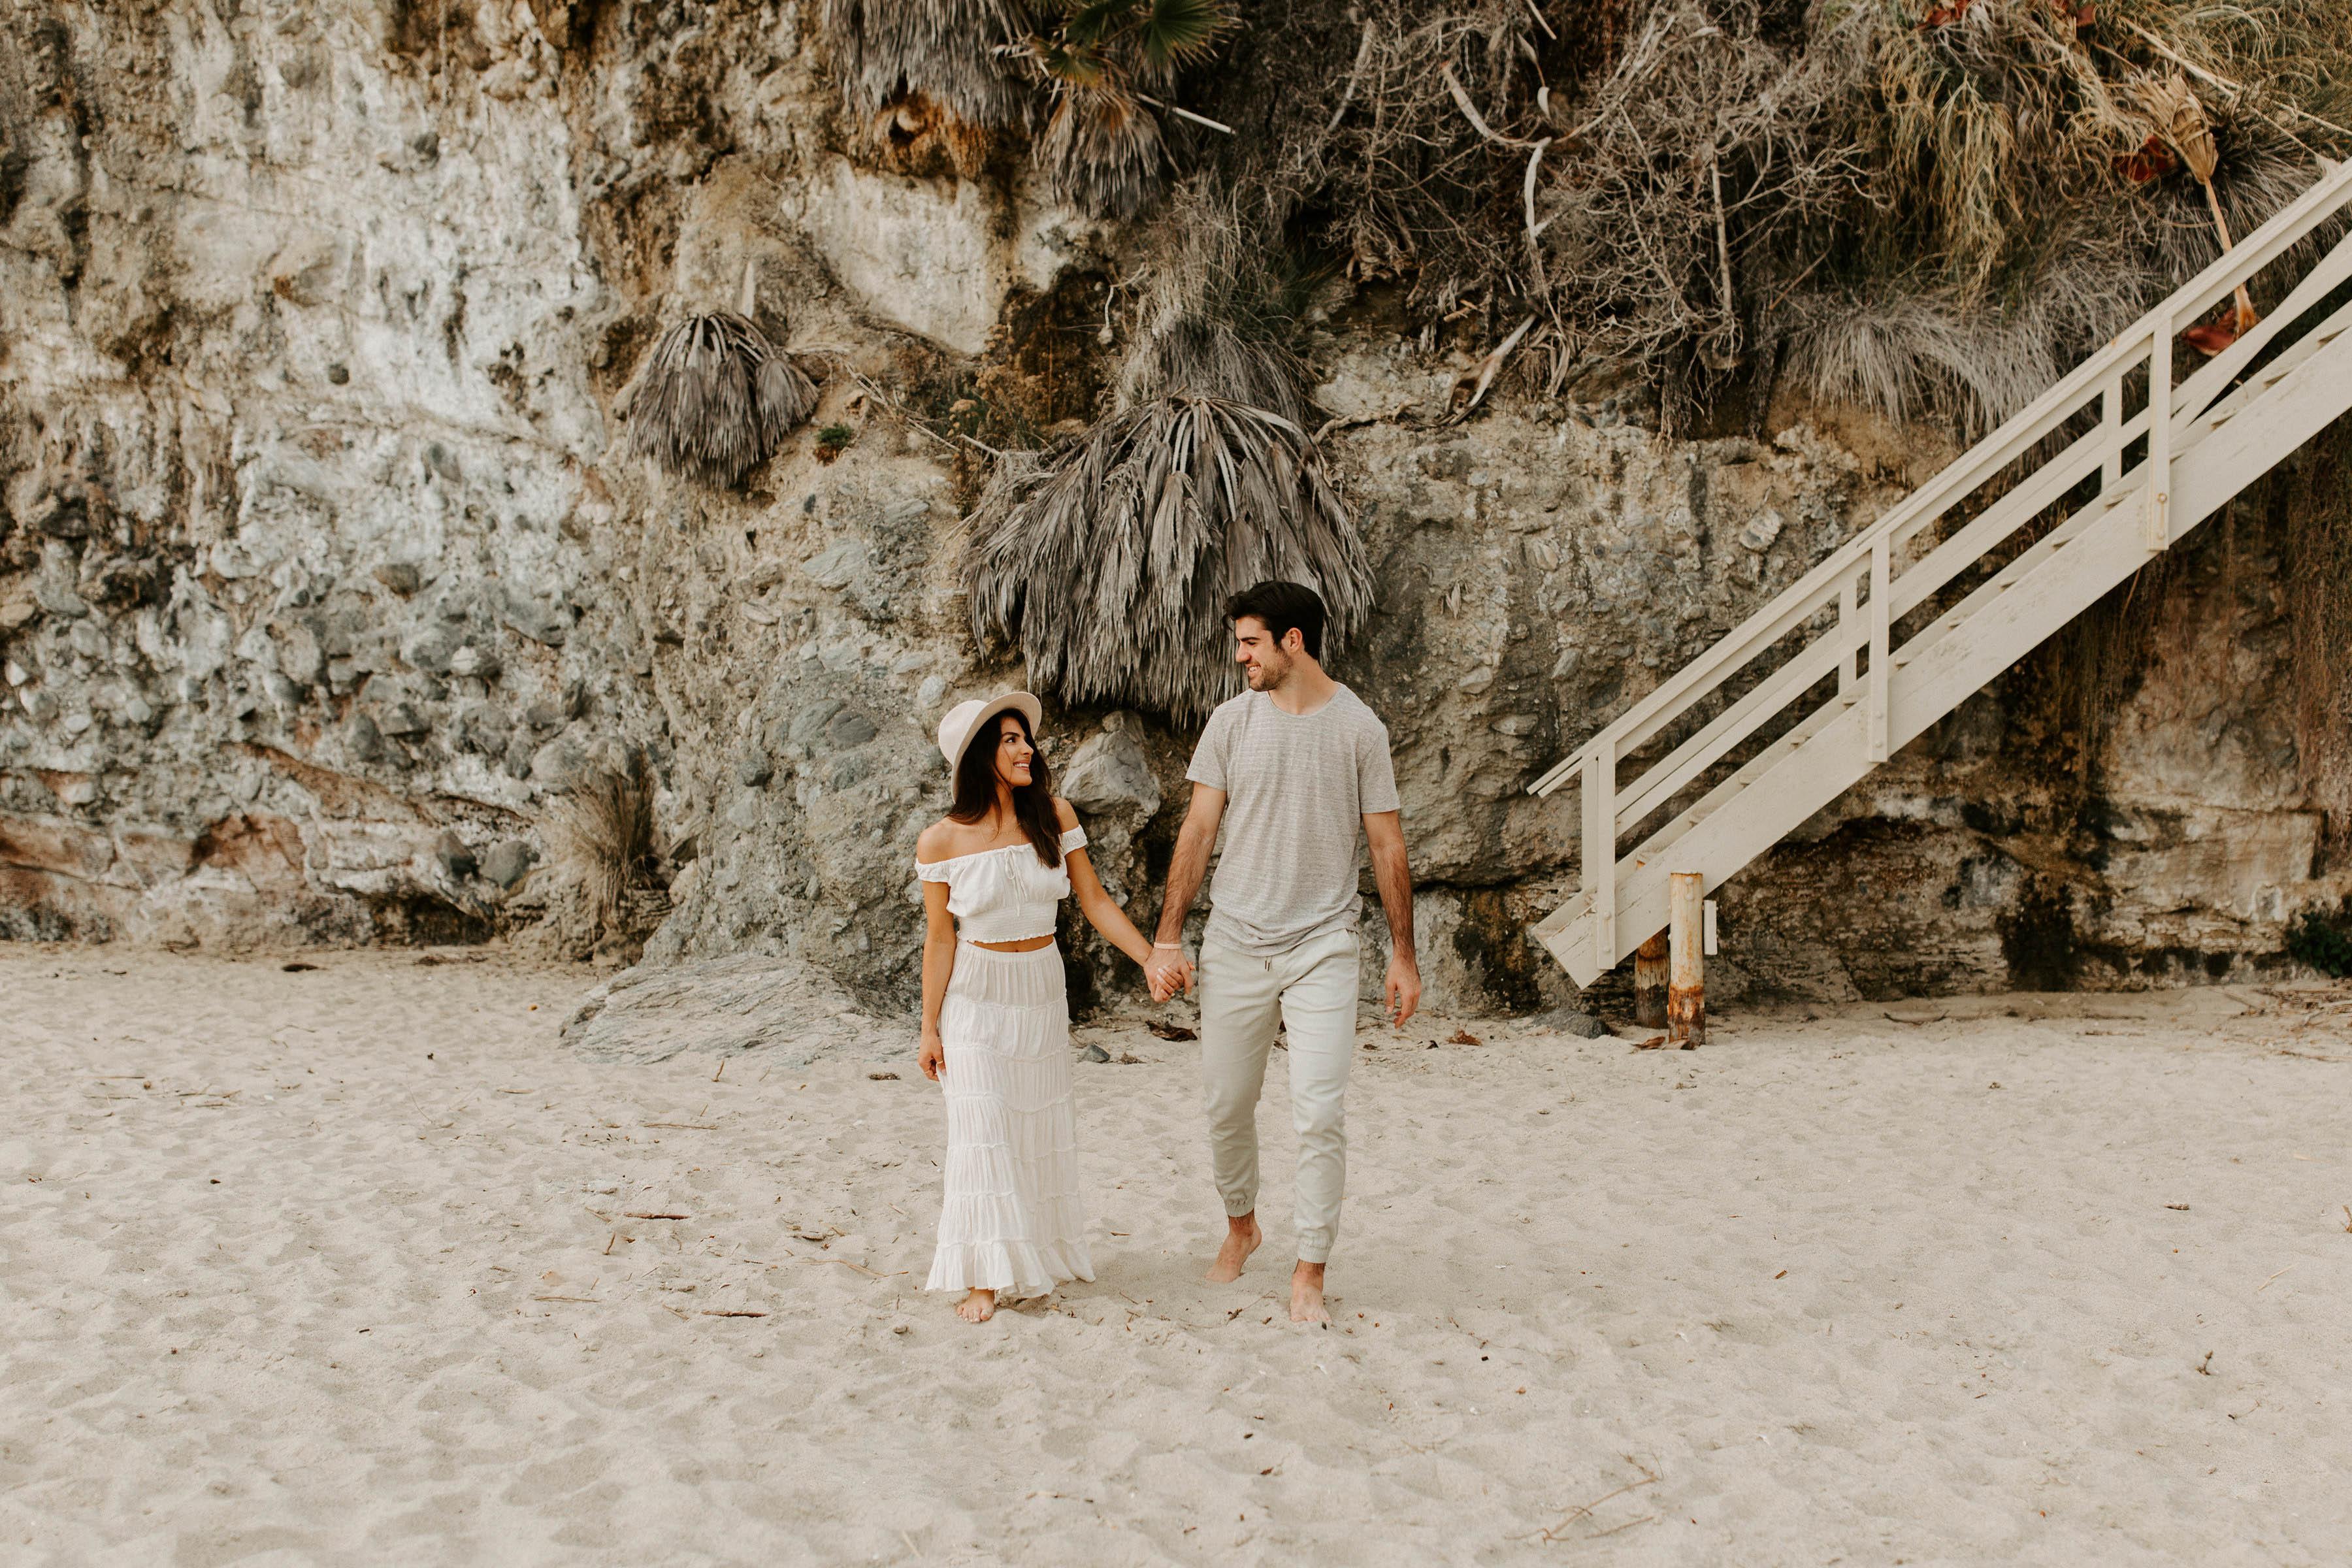 laguna_beach_engagement-6